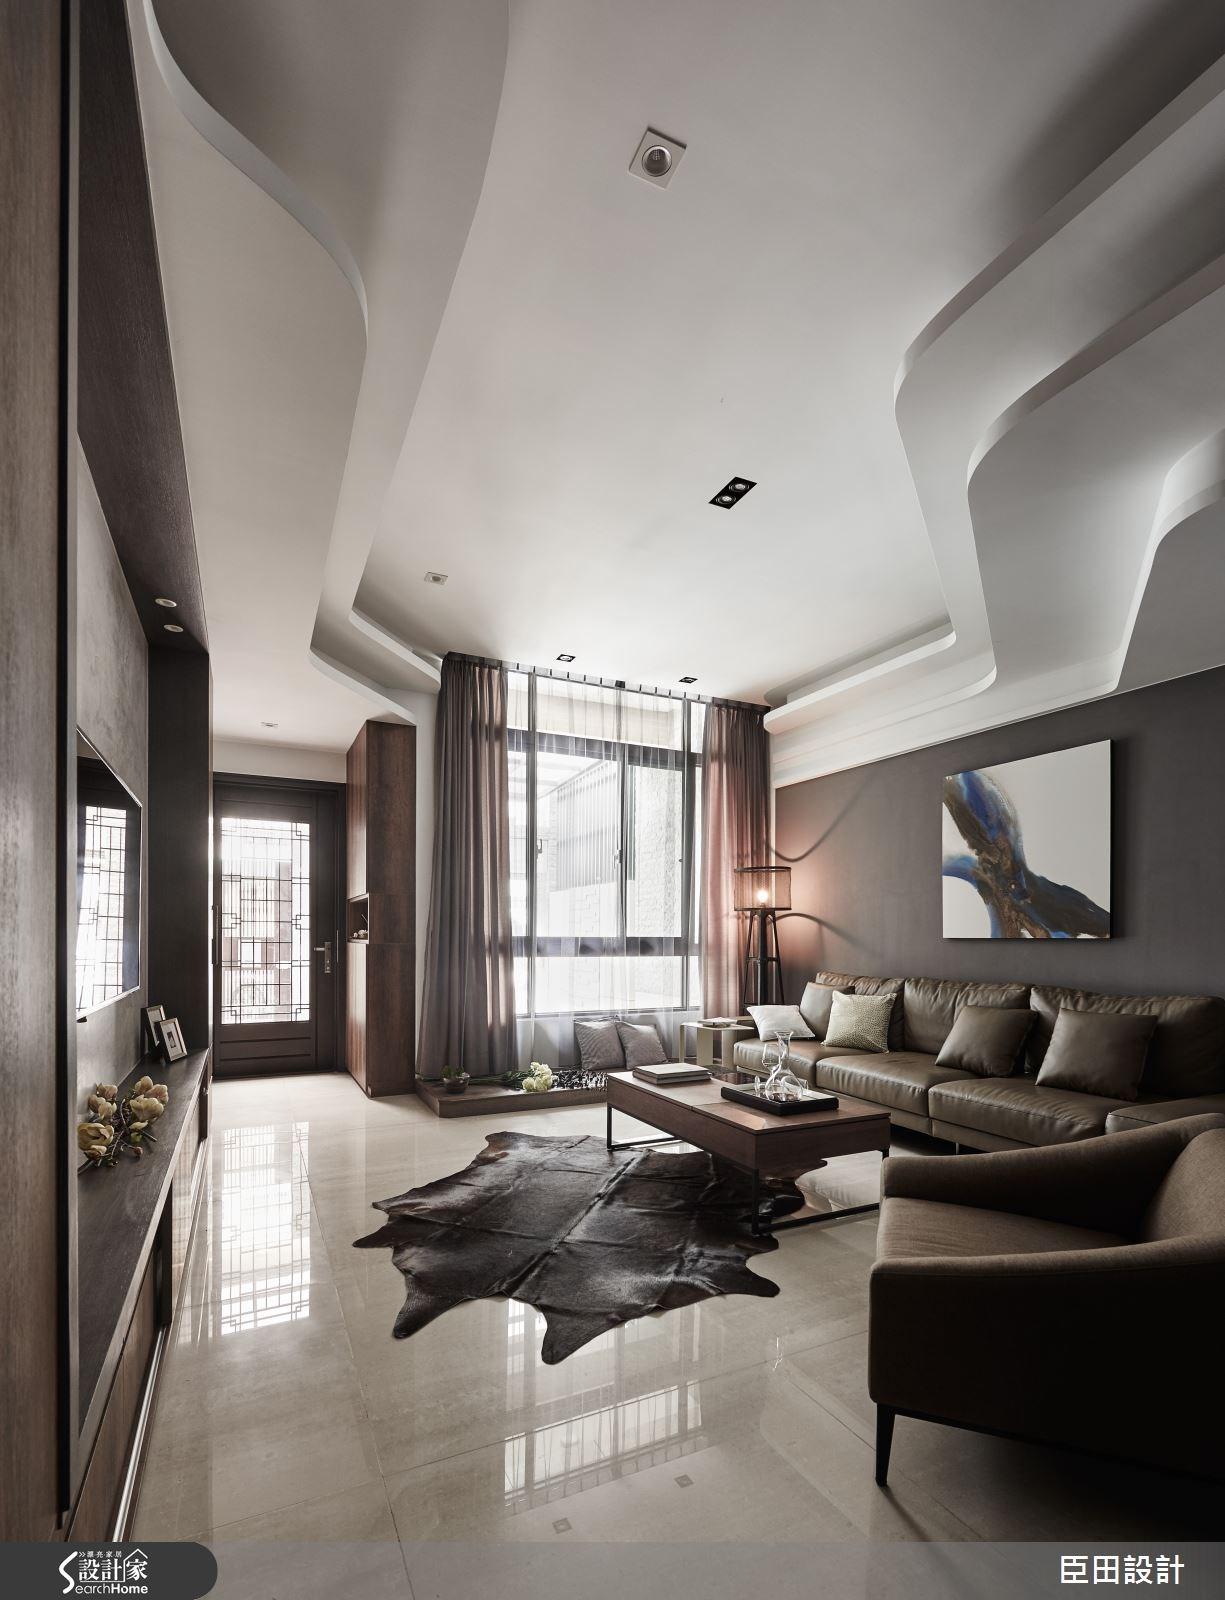 30坪新成屋(5年以下)_現代風客廳案例圖片_臣田設計_臣田_01之2